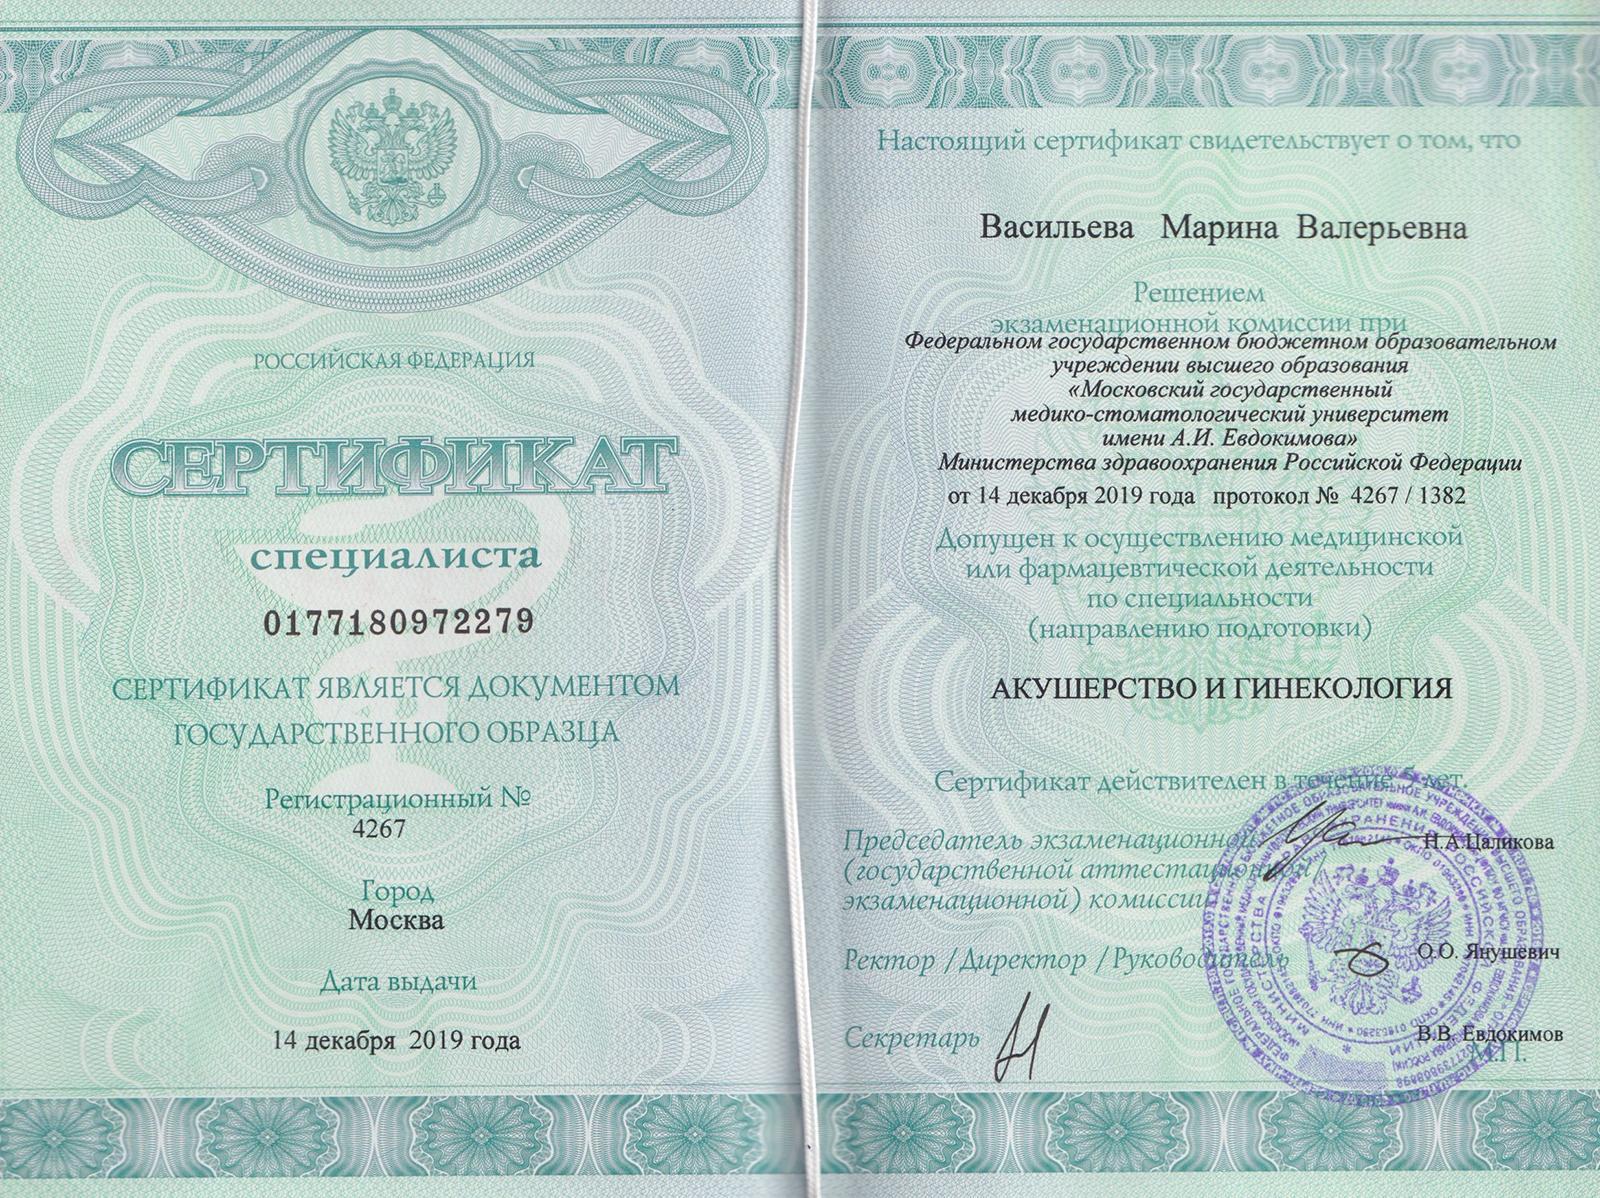 Васильева Марина Валерьевна doc_3